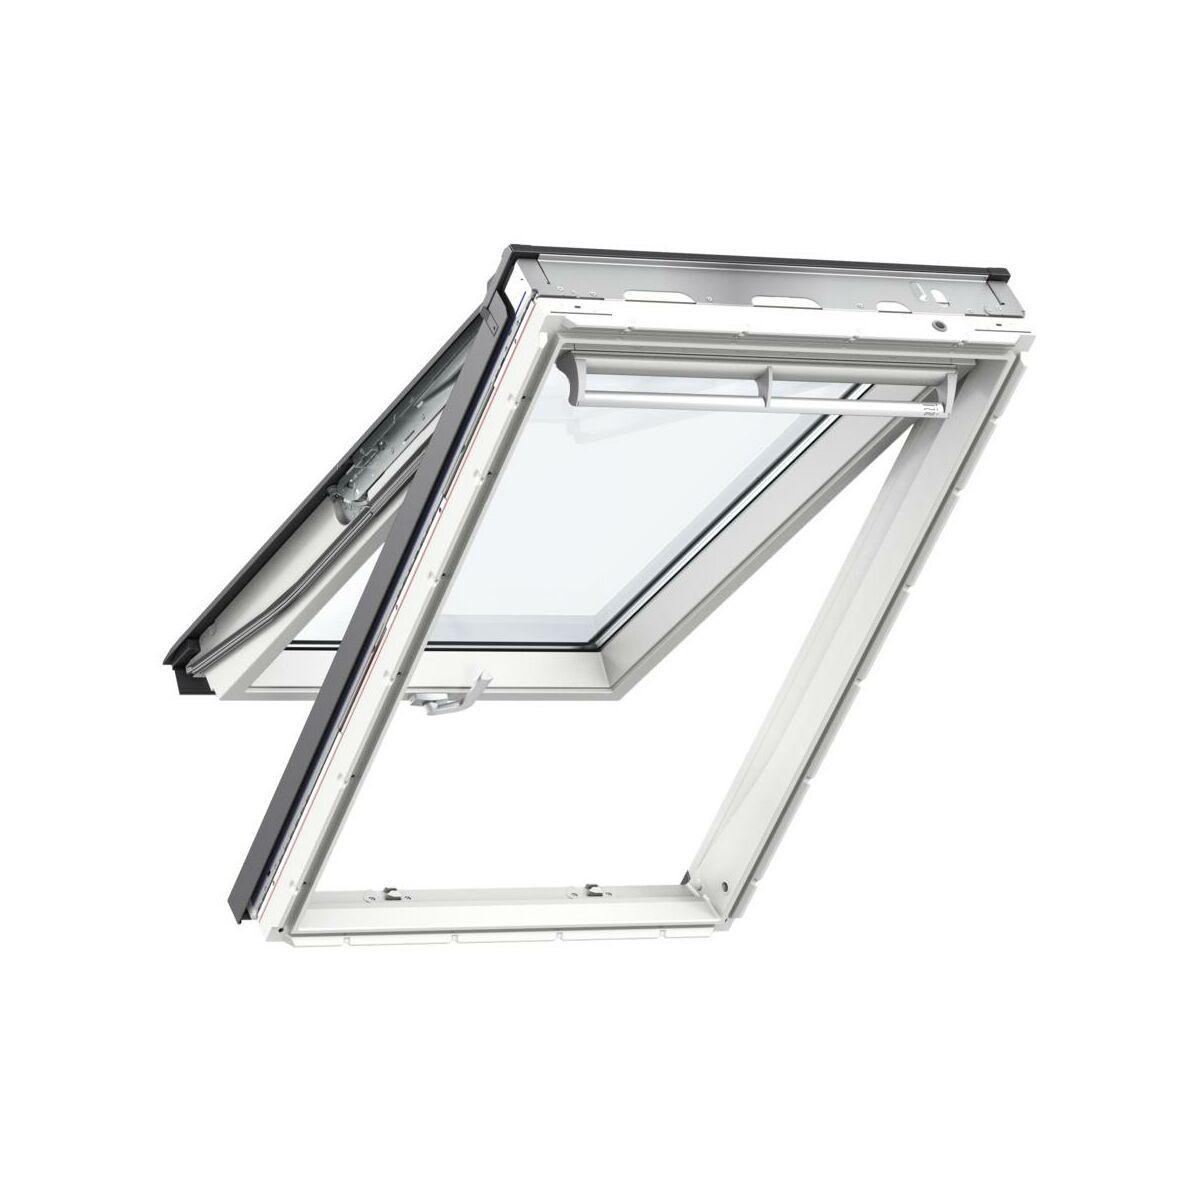 okno dachowe gpu pk06 0050 velux okna dachowe w atrakcyjnej cenie w sklepach leroy merlin. Black Bedroom Furniture Sets. Home Design Ideas